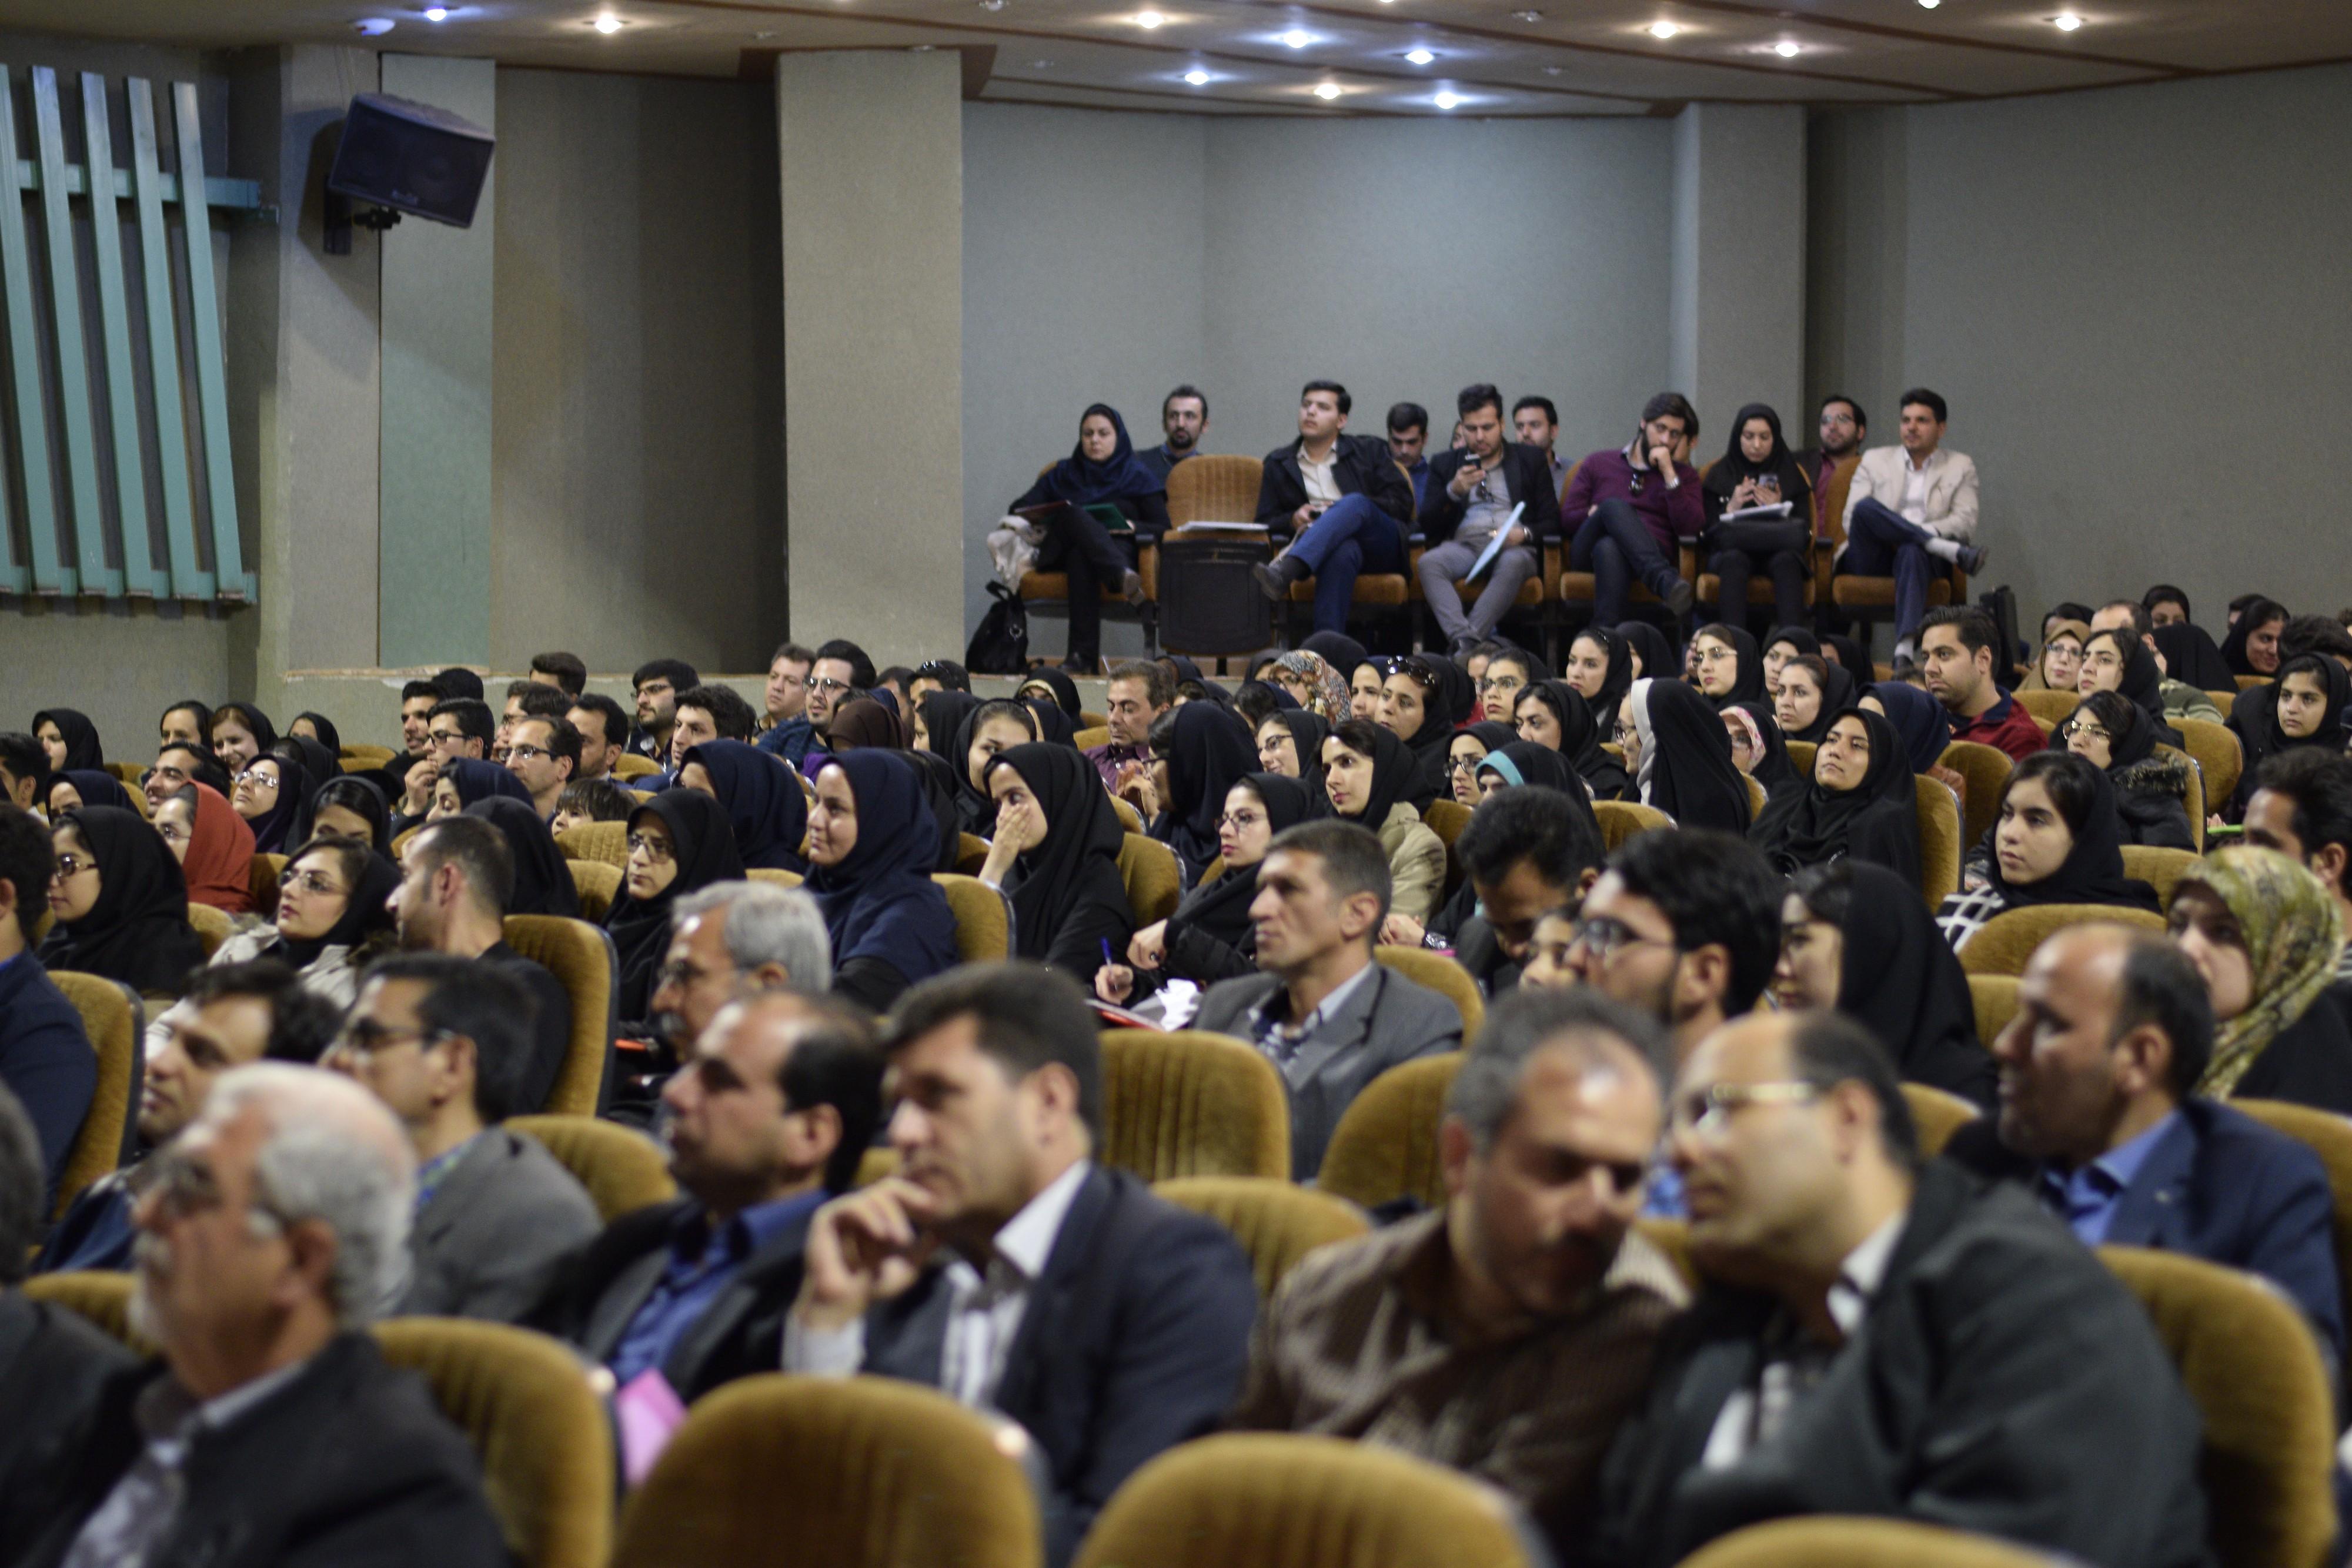 روز جهانی آینده در دانشگاه اصفهان 16